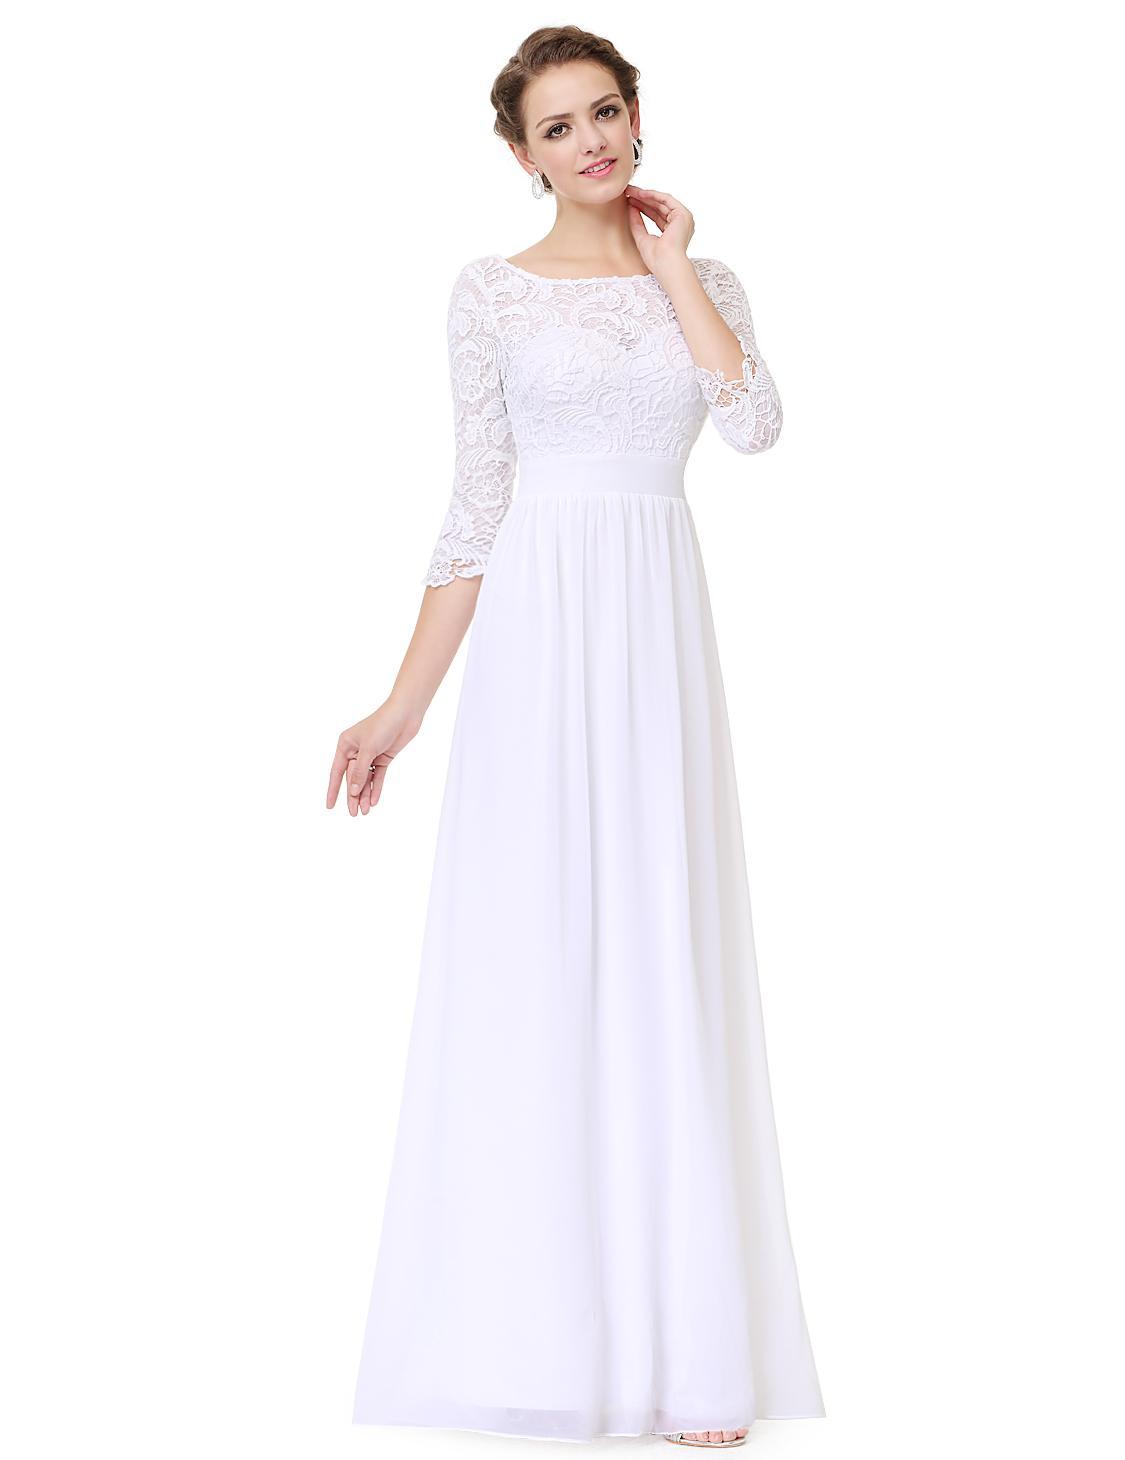 2c2fe70a75a3 Biele svadobné šaty s čipkou a s červenou stuhou